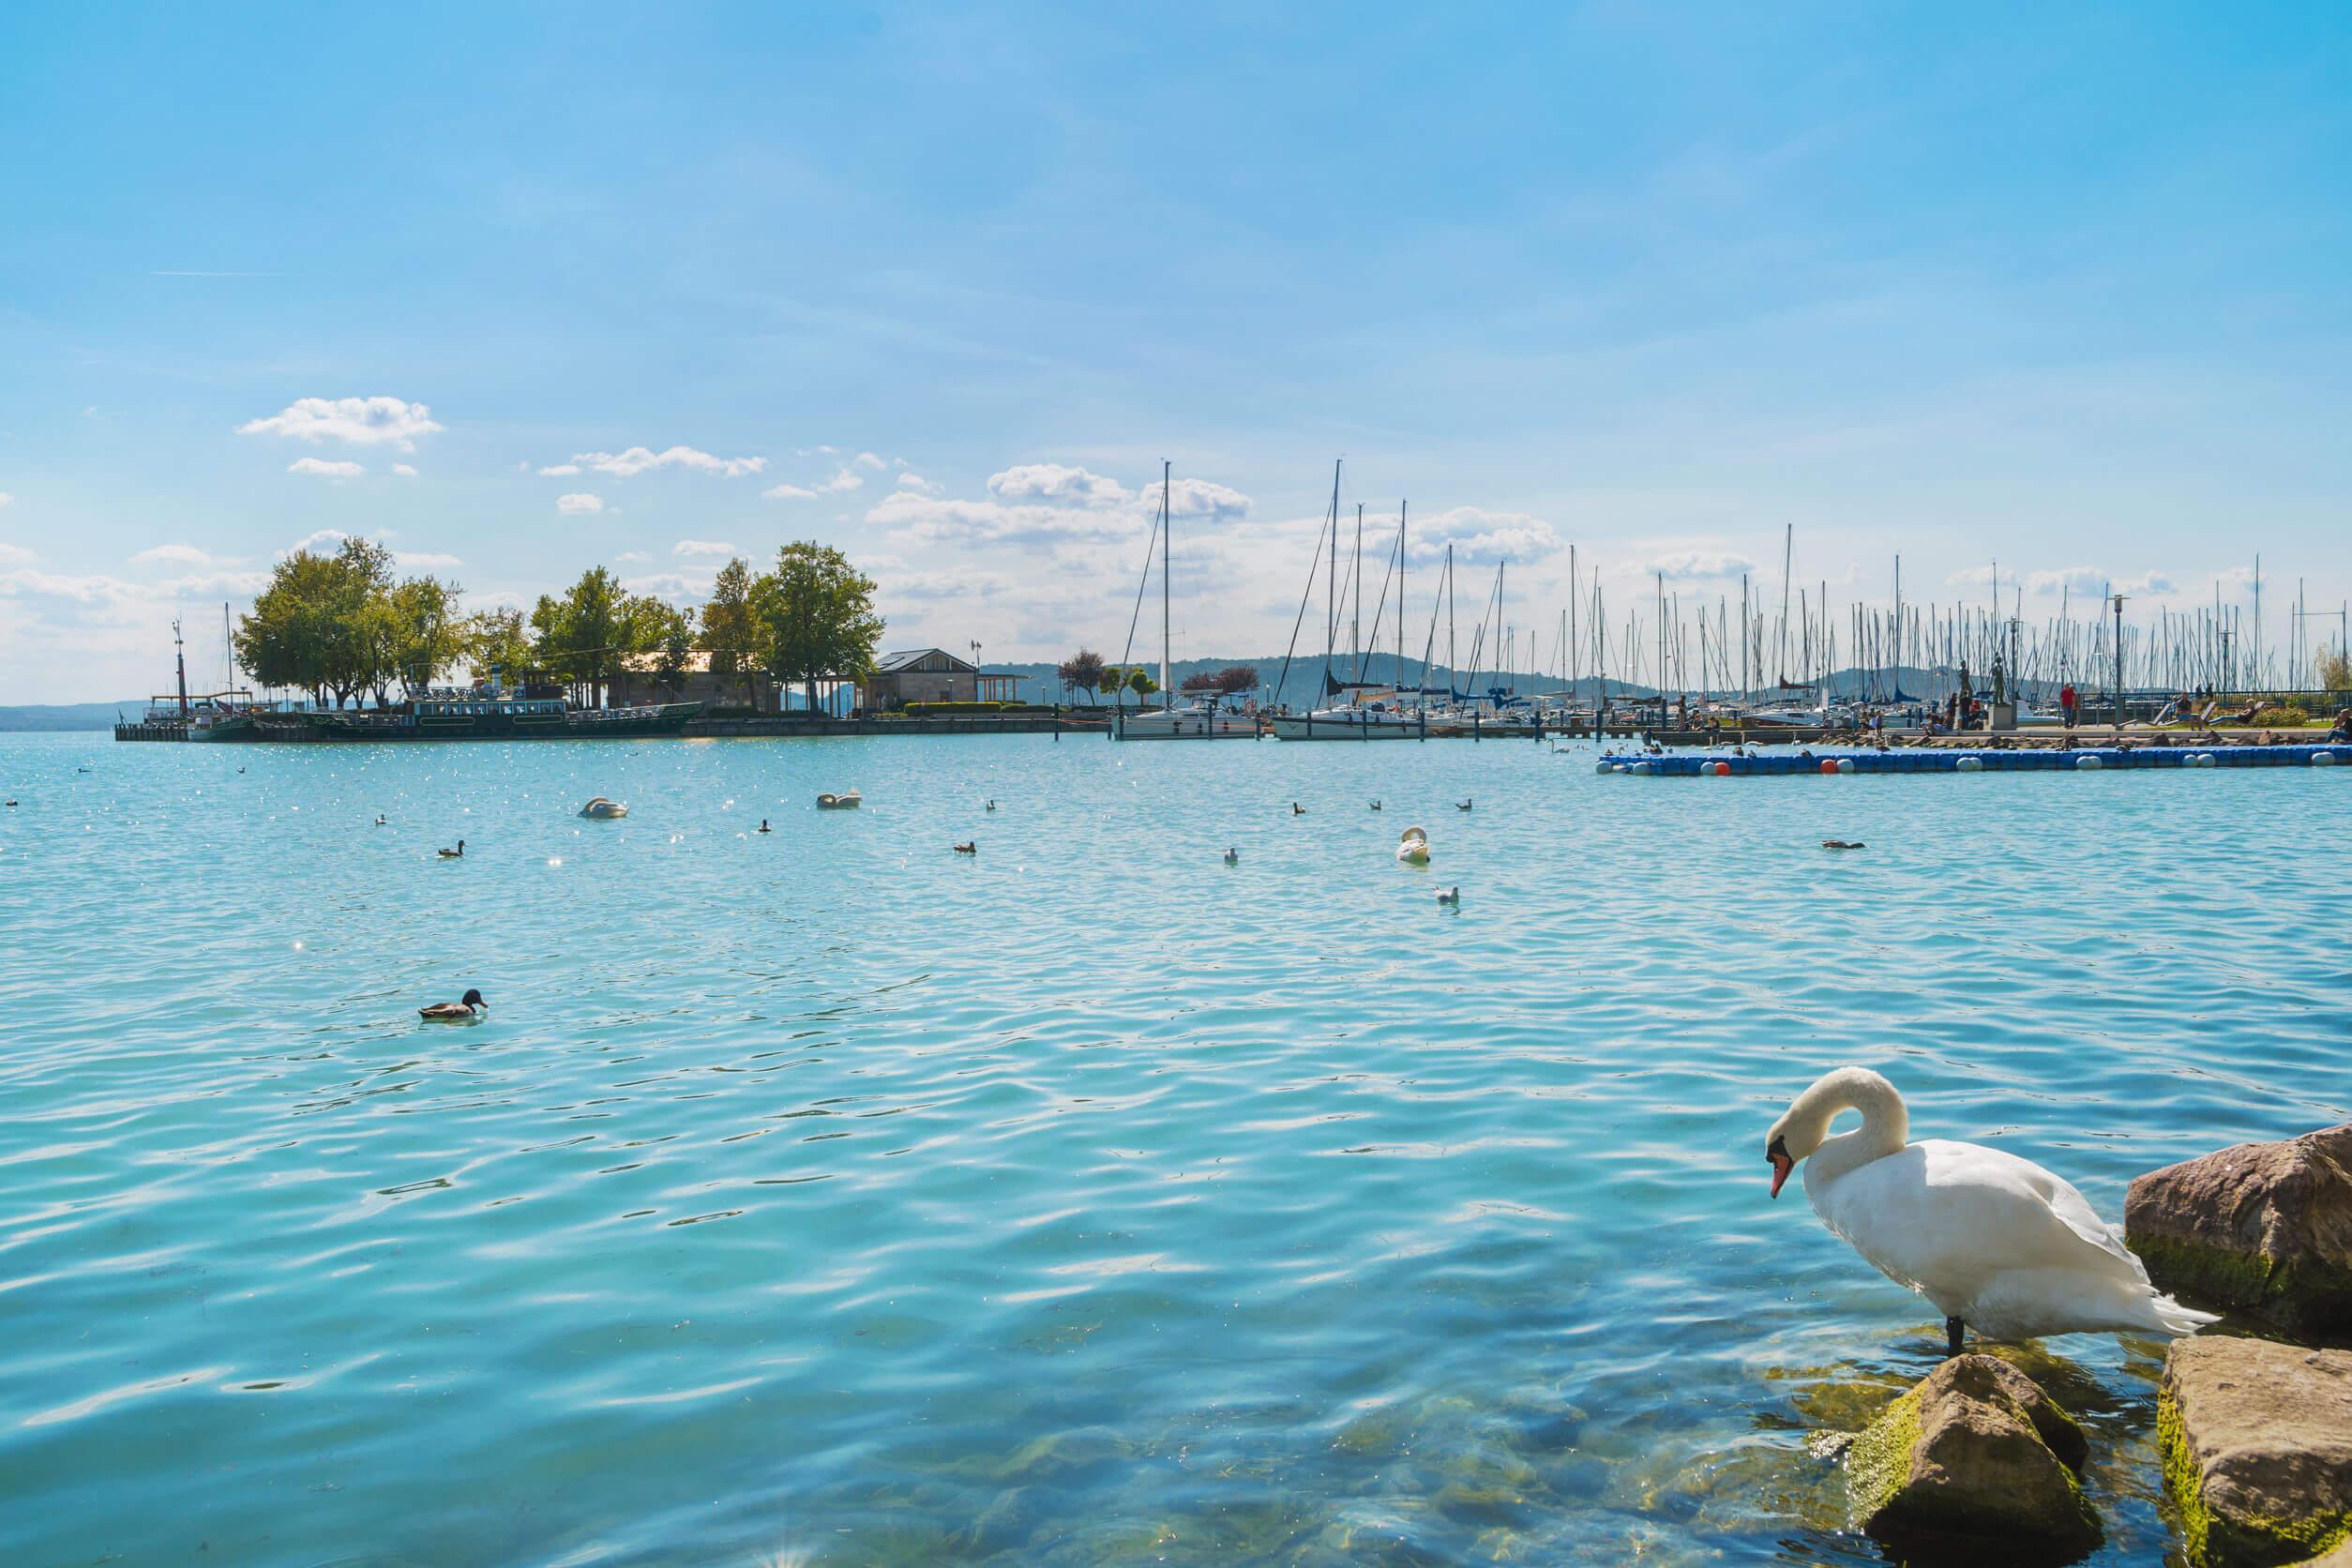 Luxus a Balatonon: Meseszép házakat találhatunk az északi parton